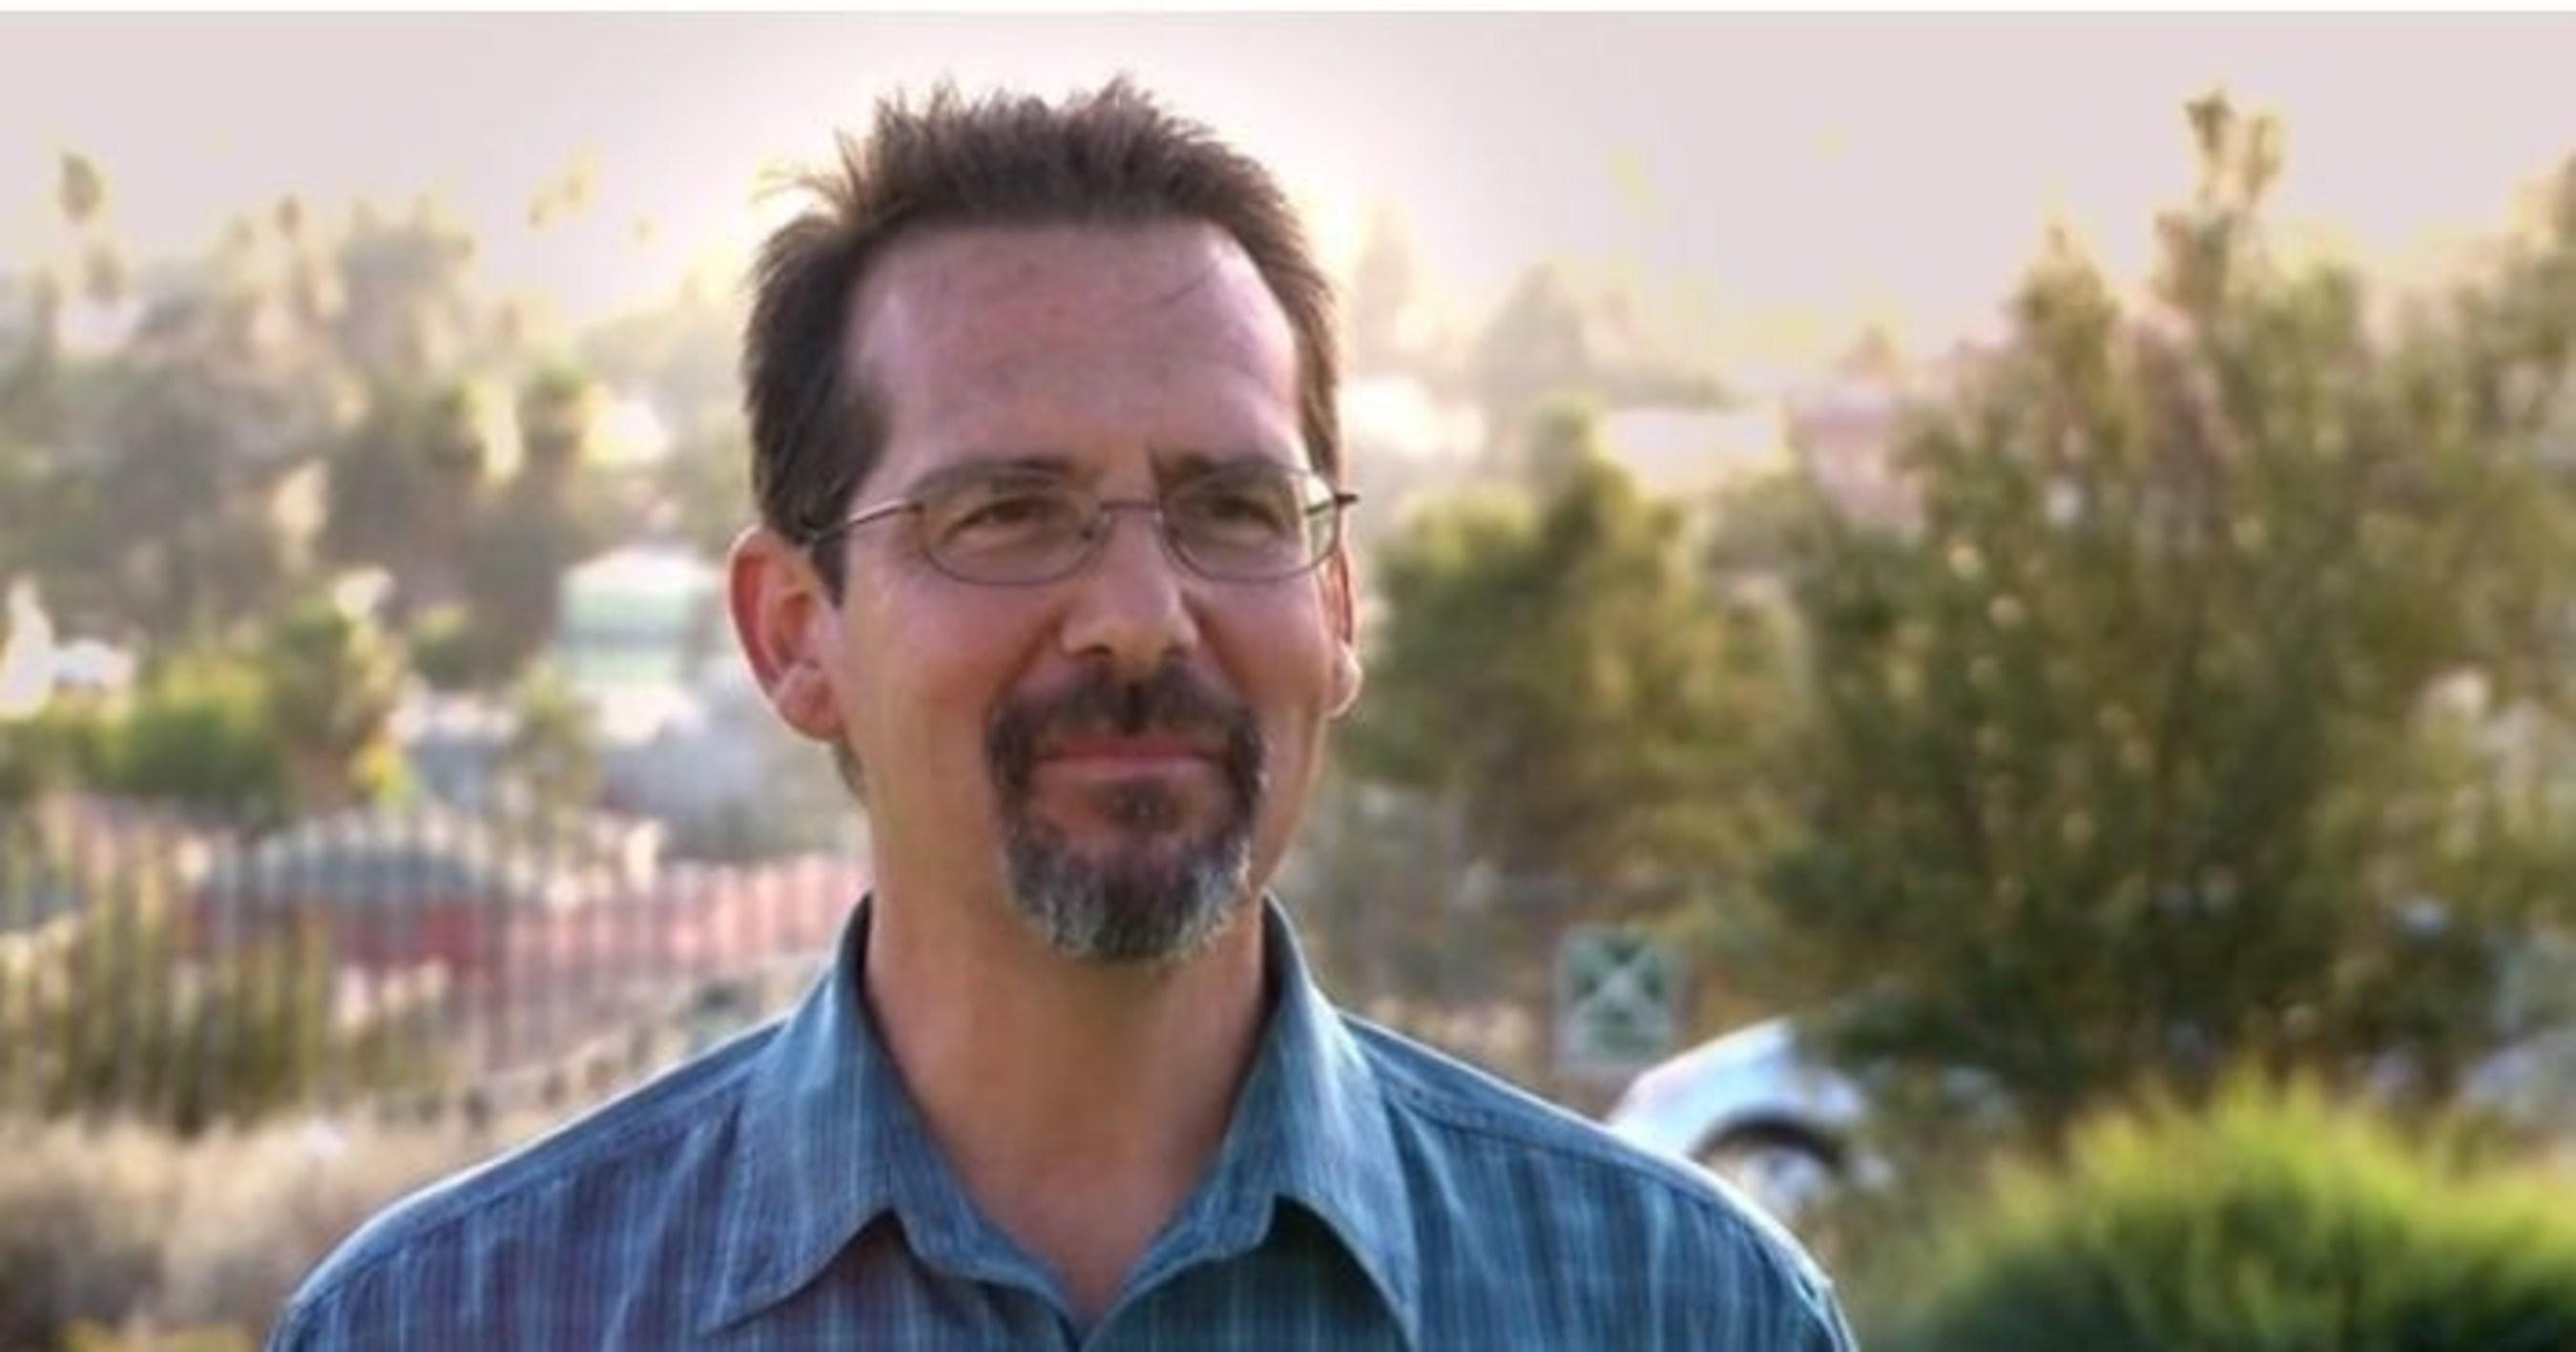 Meet Scientologist Tim Biedinger of Las Vegas, Nevada.